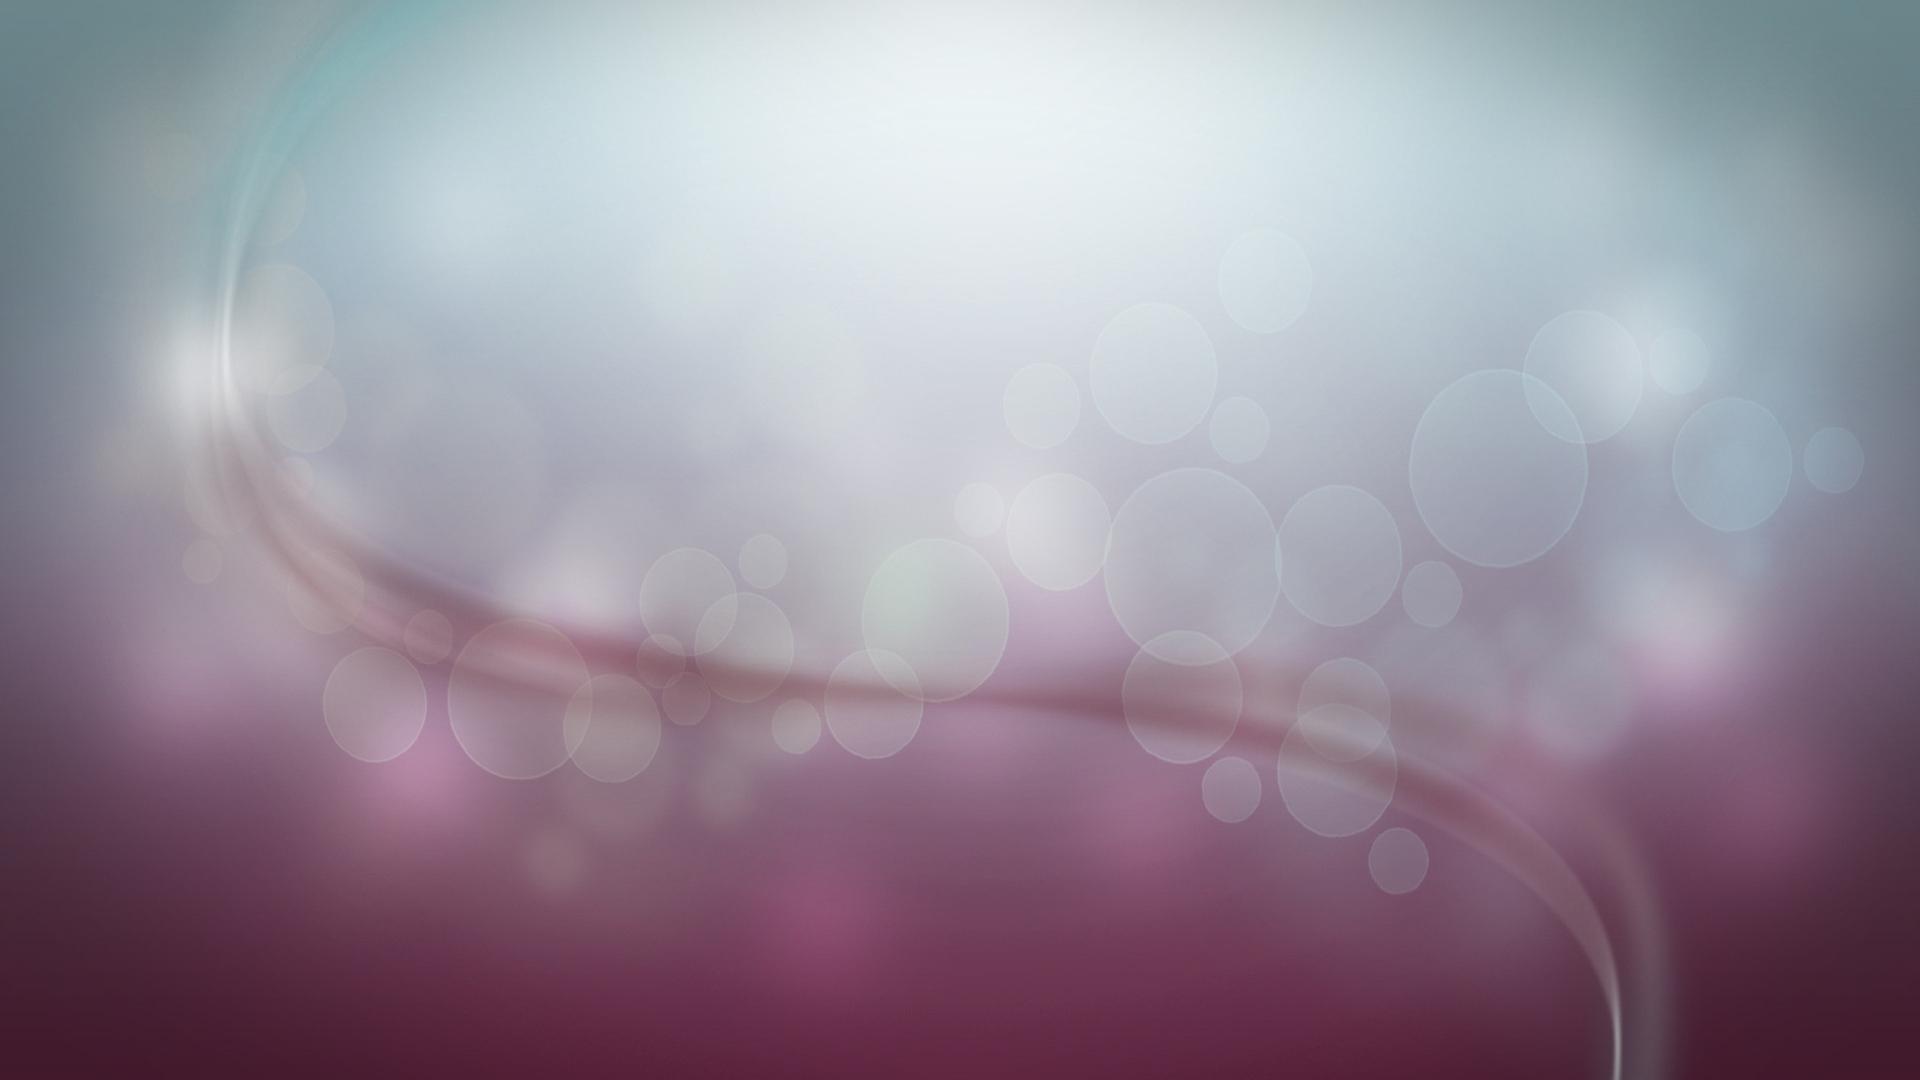 lines, spots, circles